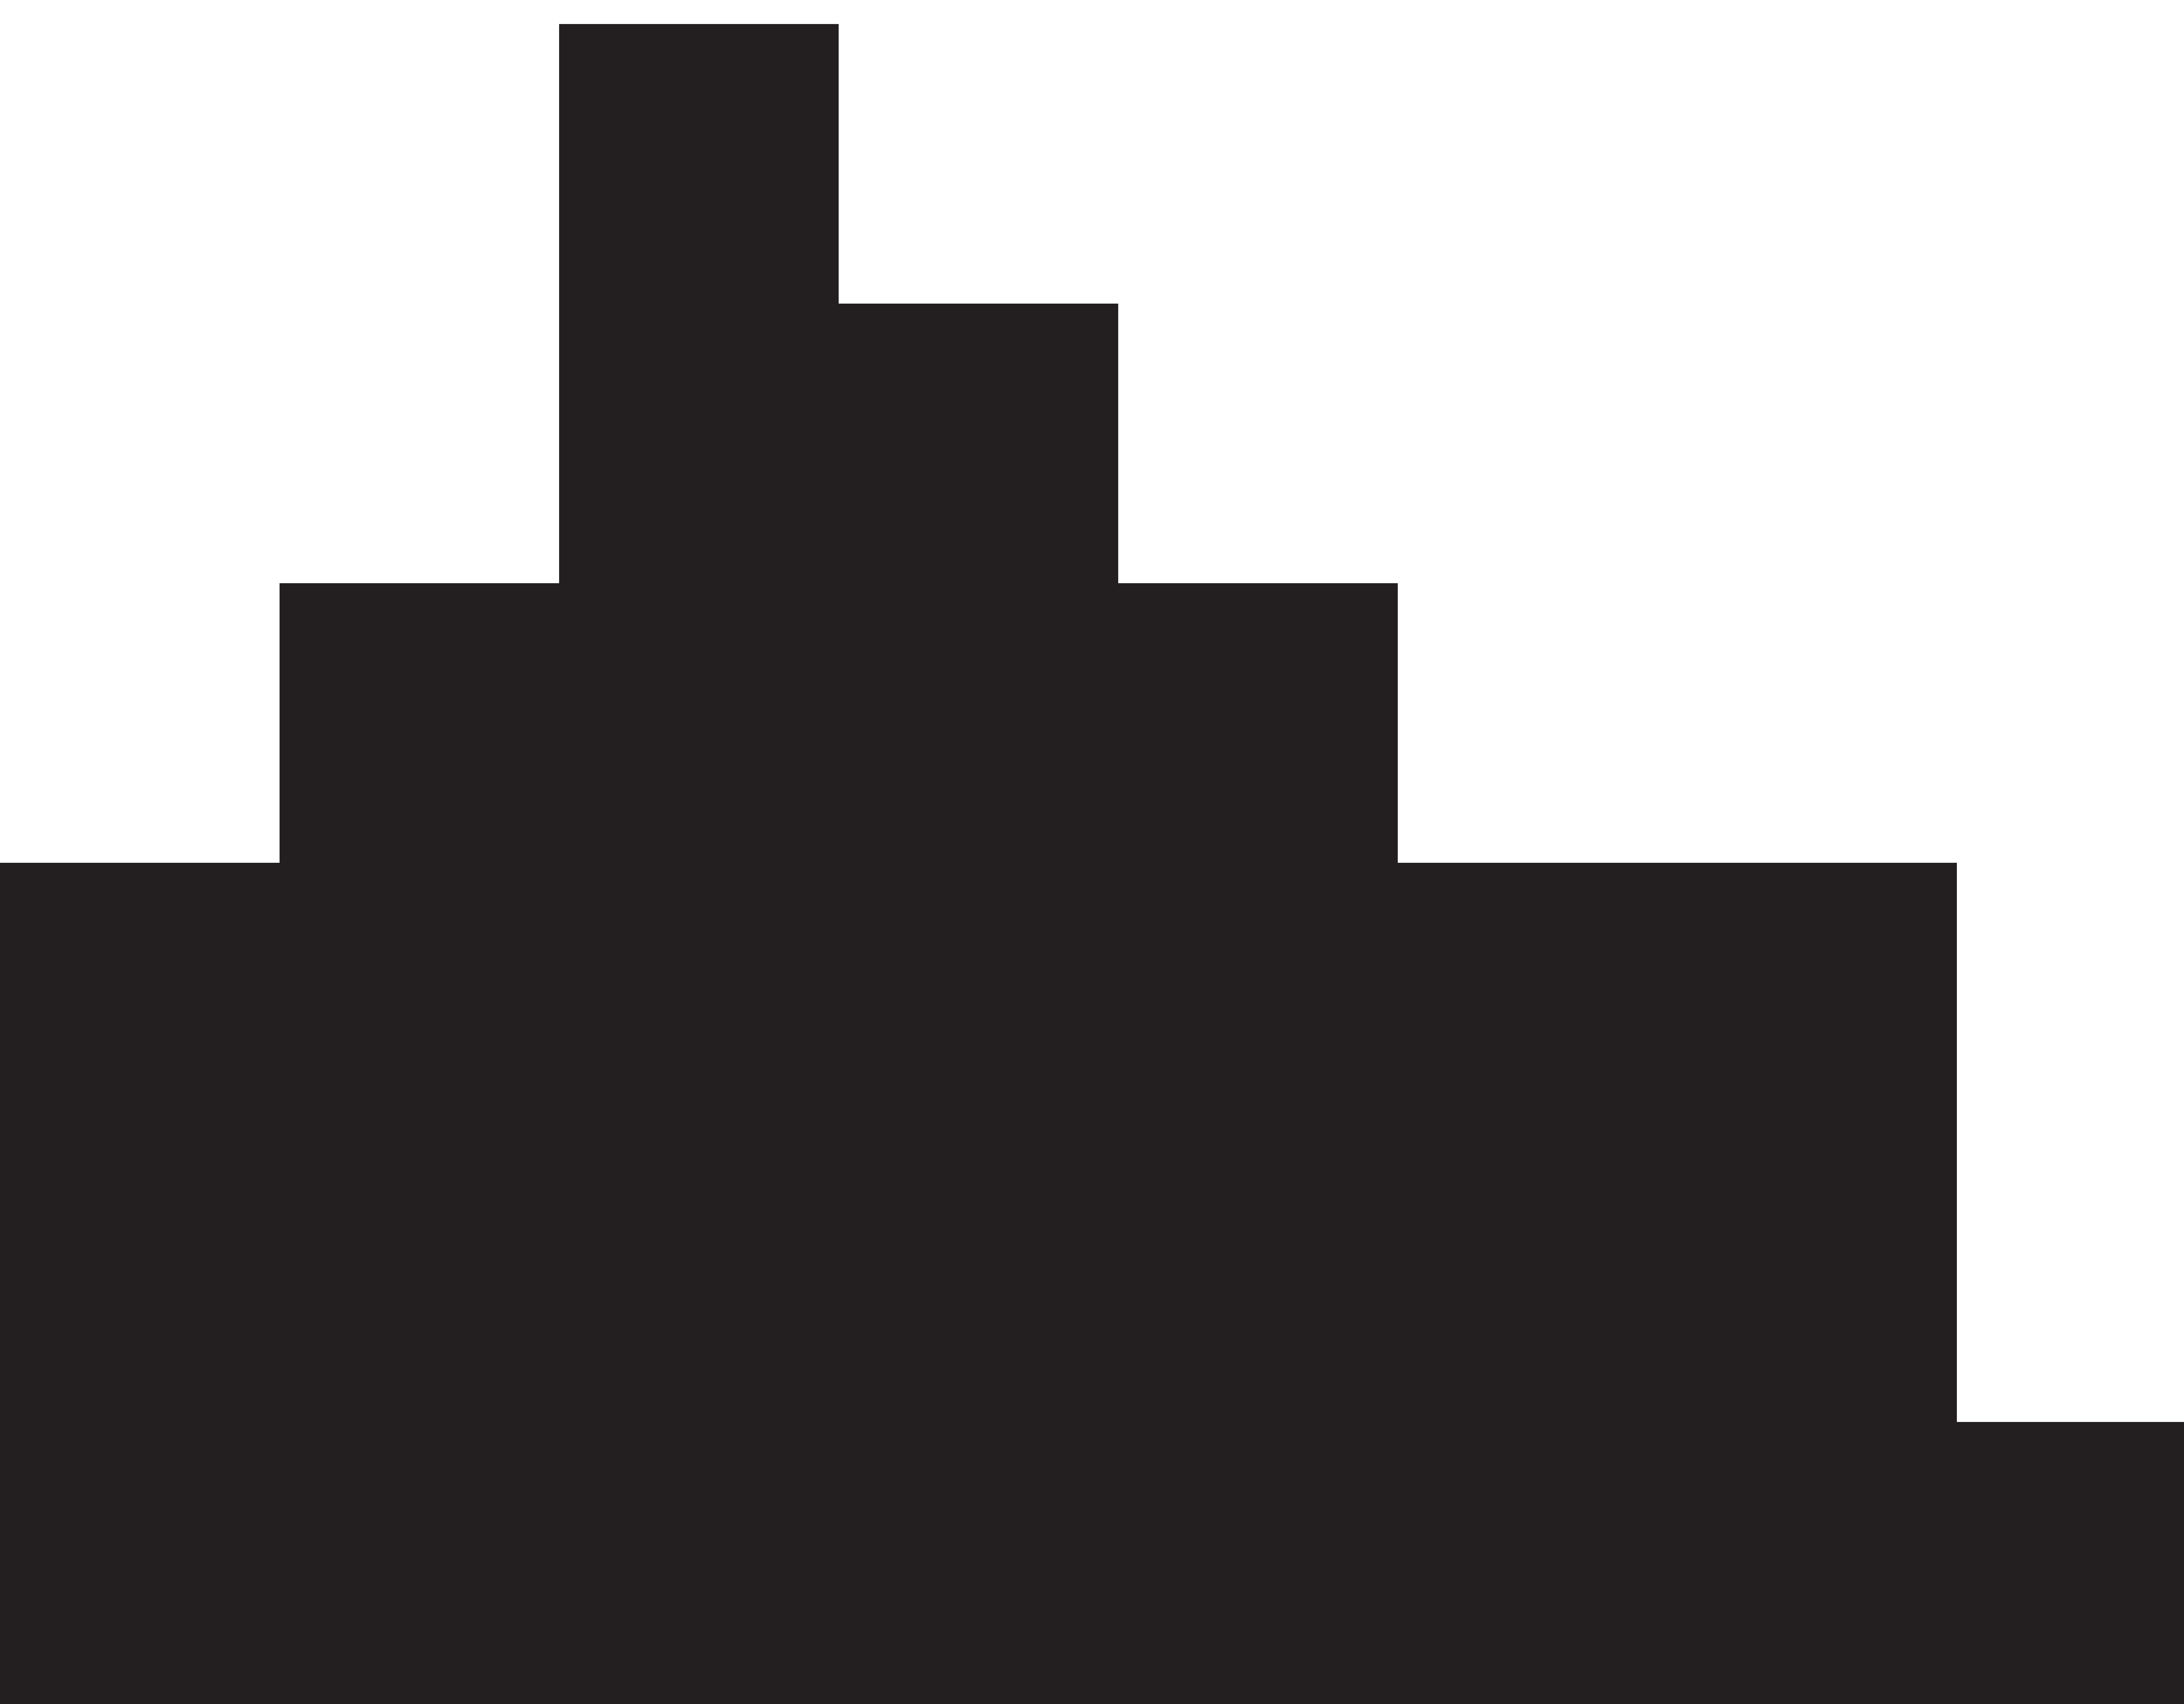 8000x6241 Hogwarts Castle Silhouette Clipart.